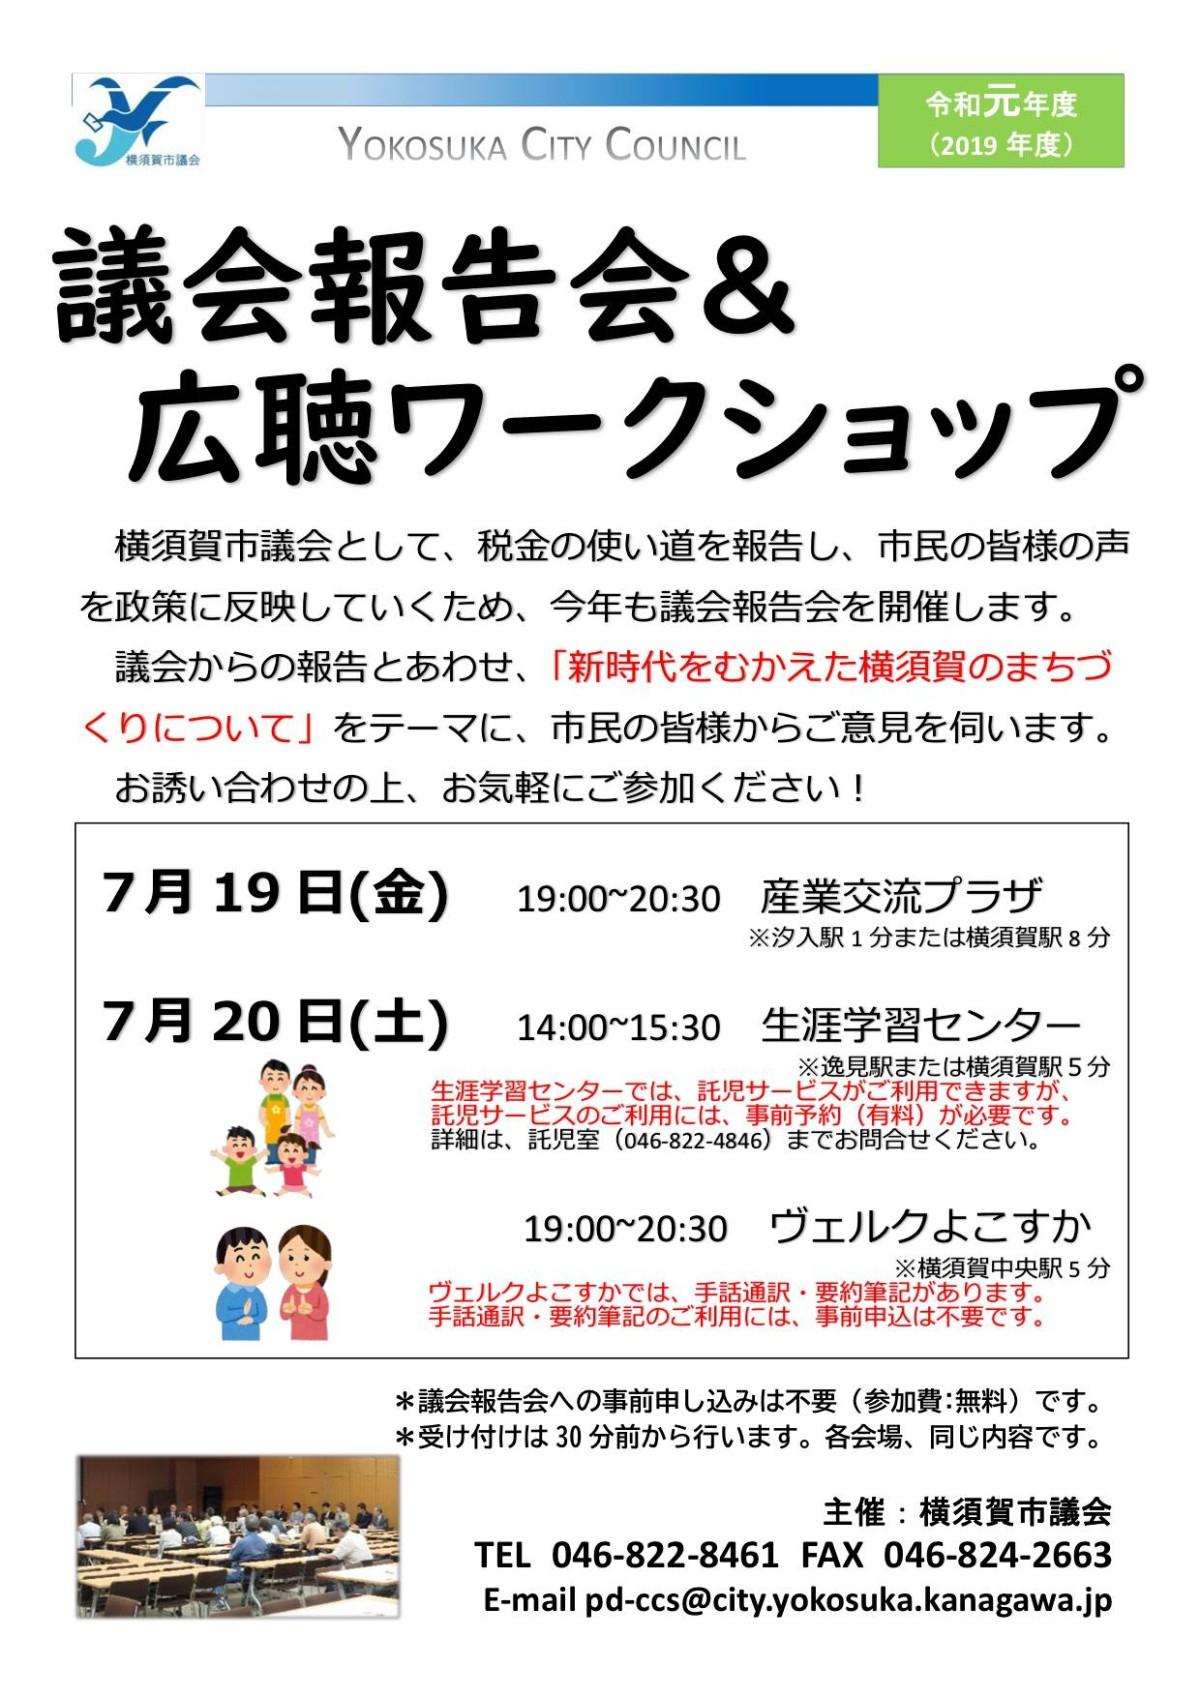 横須賀市議会として、「議会報告会&広聴ワークショップ」を開催します!